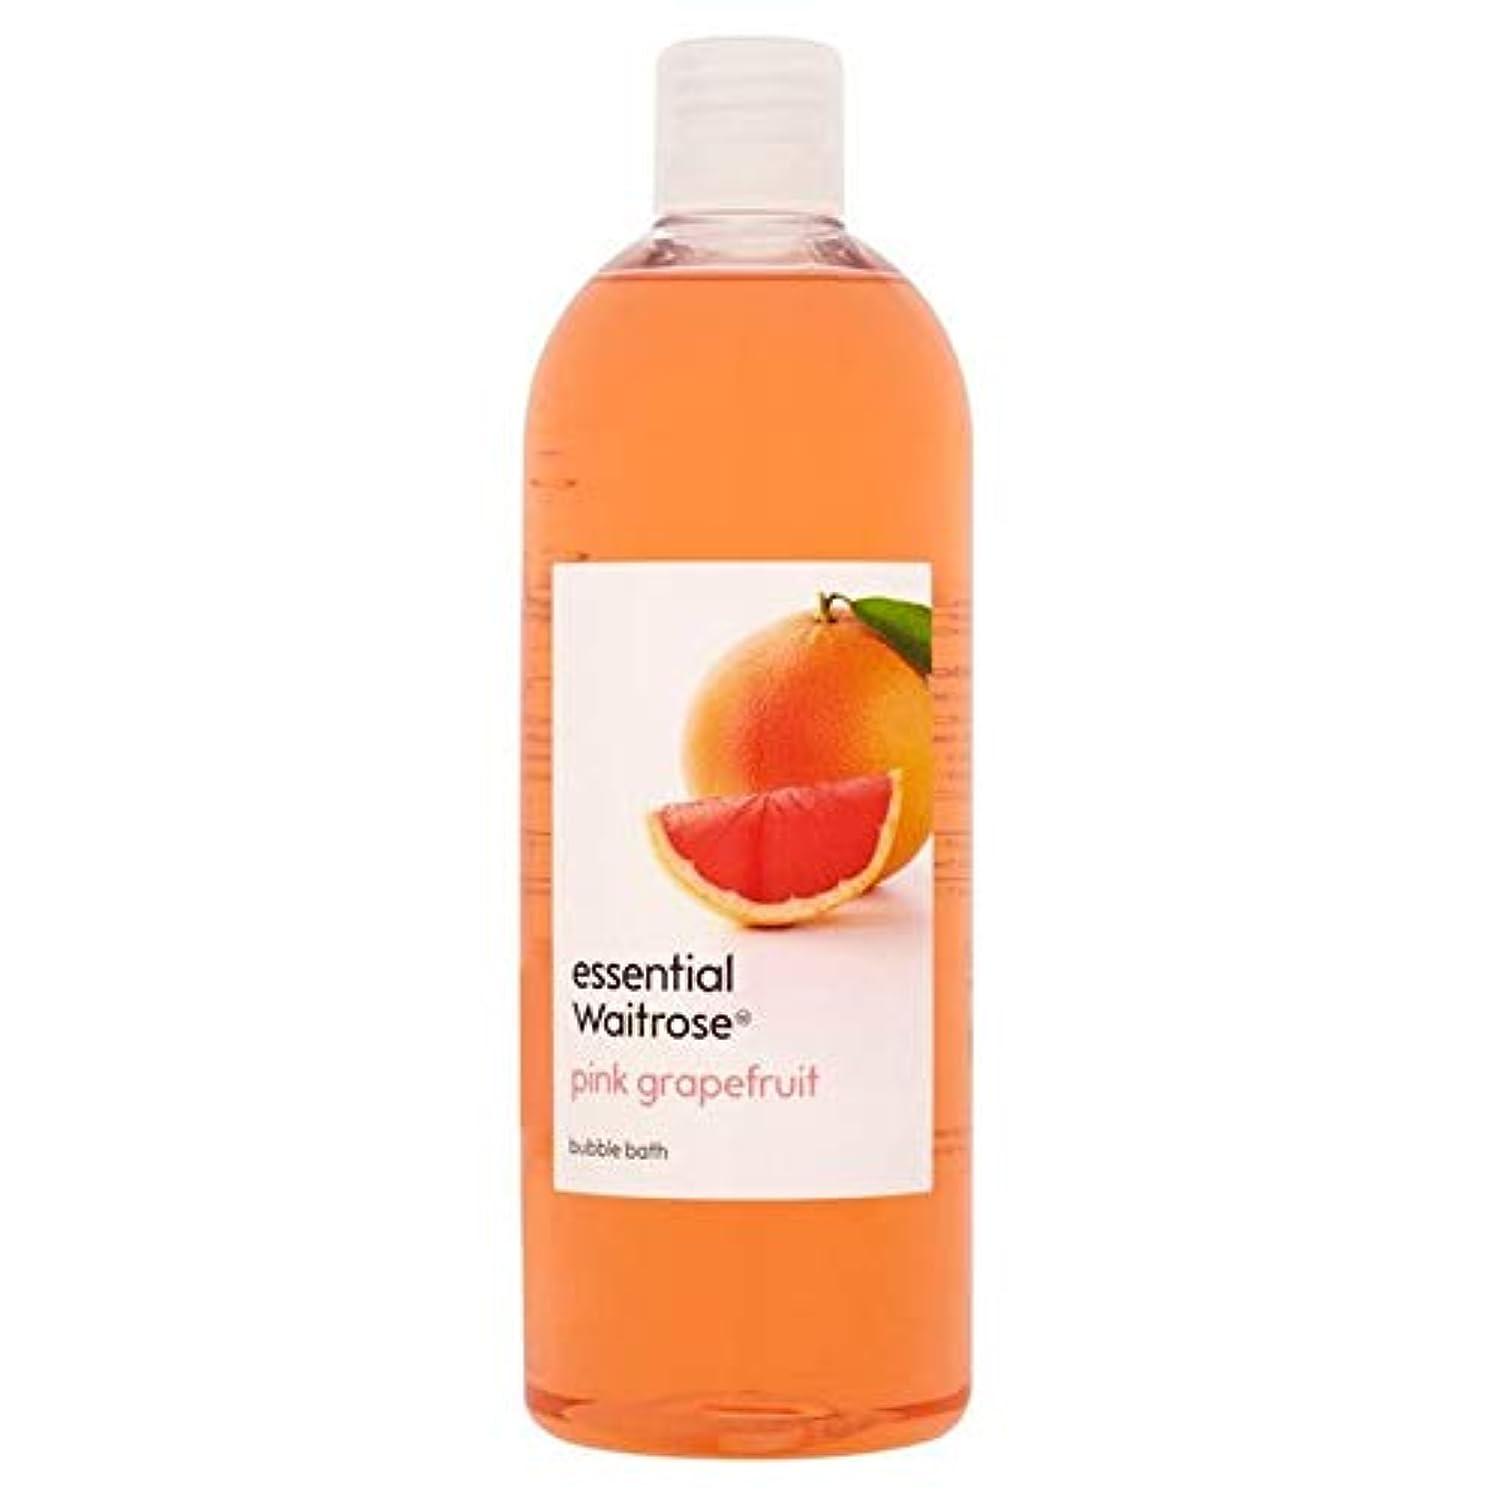 山積みのアンビエント液体[Waitrose ] 基本的なウェイトローズの泡風呂ピンクグレープフルーツ750ミリリットル - Essential Waitrose Bubble Bath Pink Grapefruit 750ml [並行輸入品]